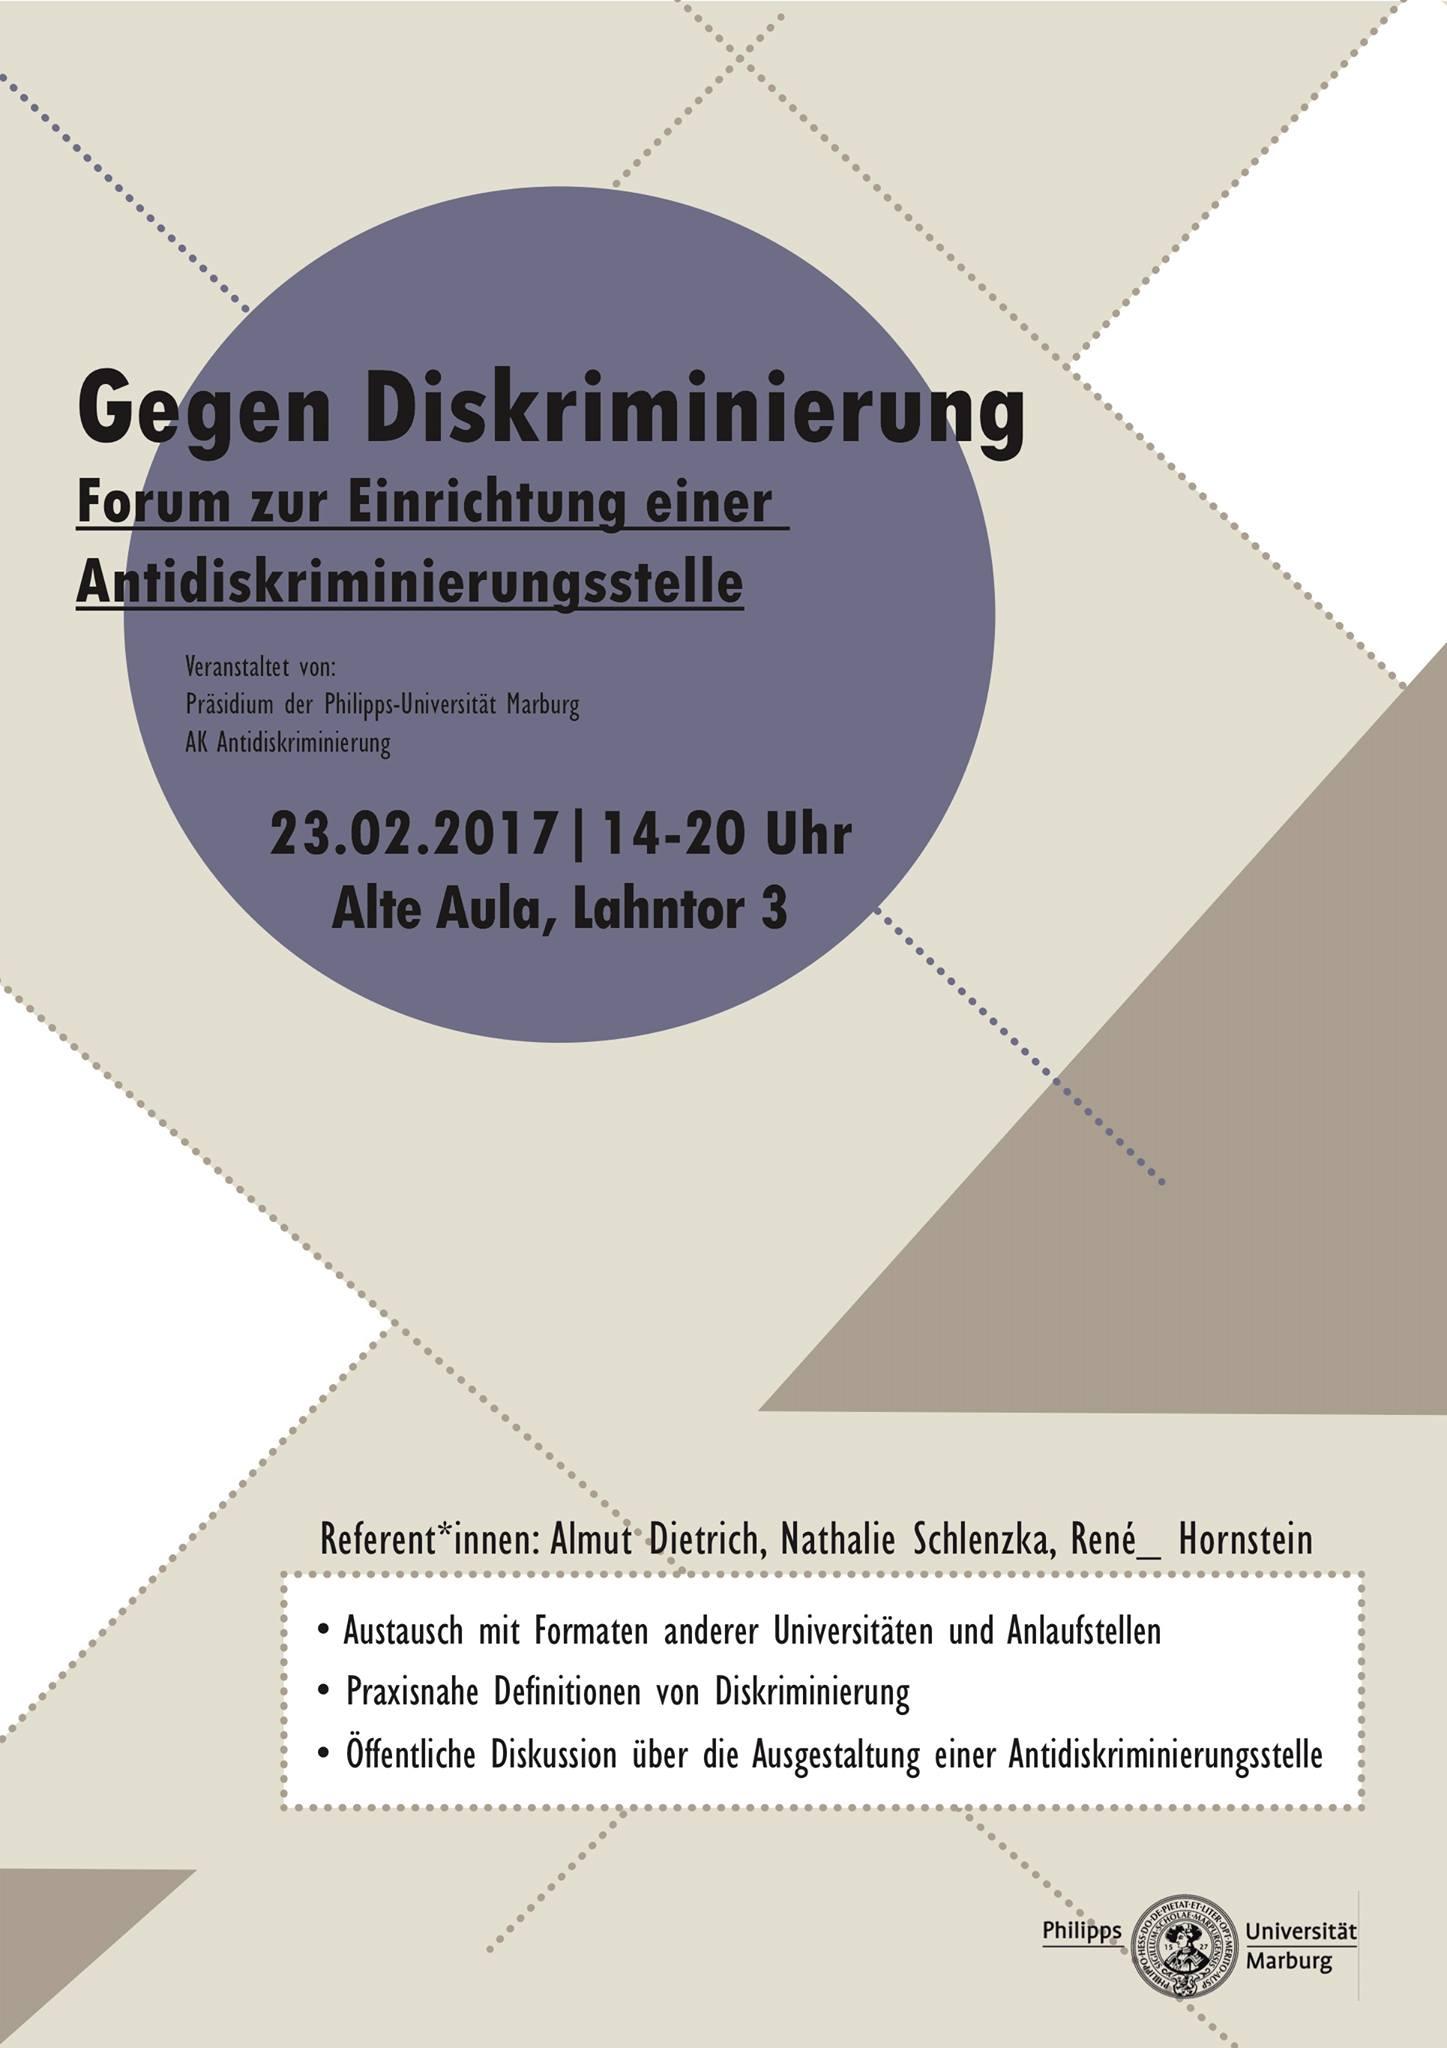 Forum zur Einrichtung einer Antidiskriminierungsstelle